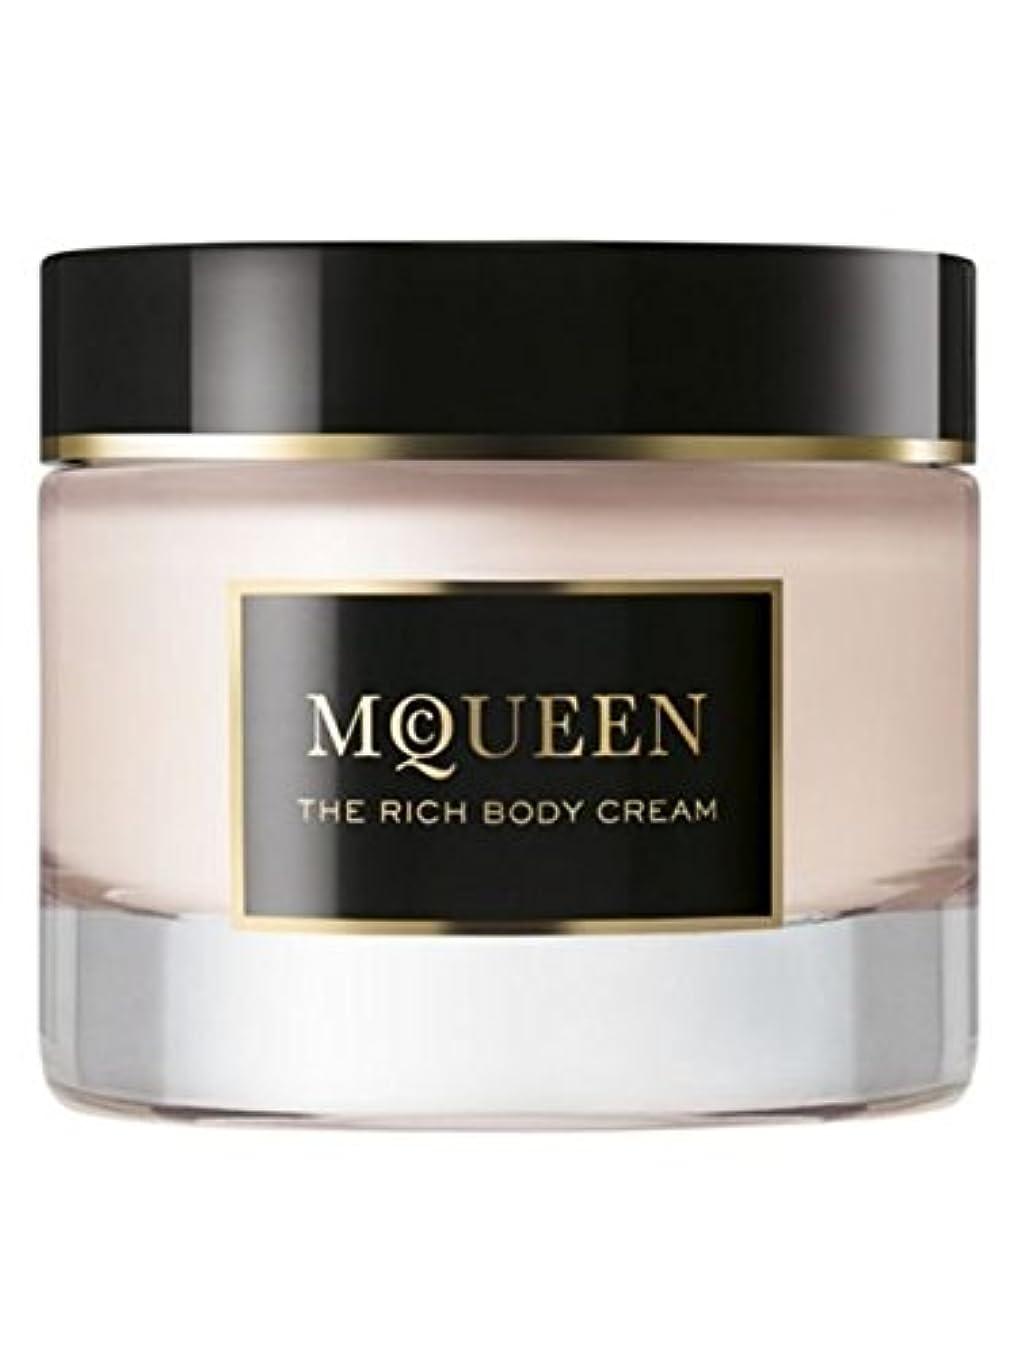 ステップハーフ酸化するMcQueen (マクイーン) 1.6 oz (50ml) Body Cream by Alexander McQueen for Women